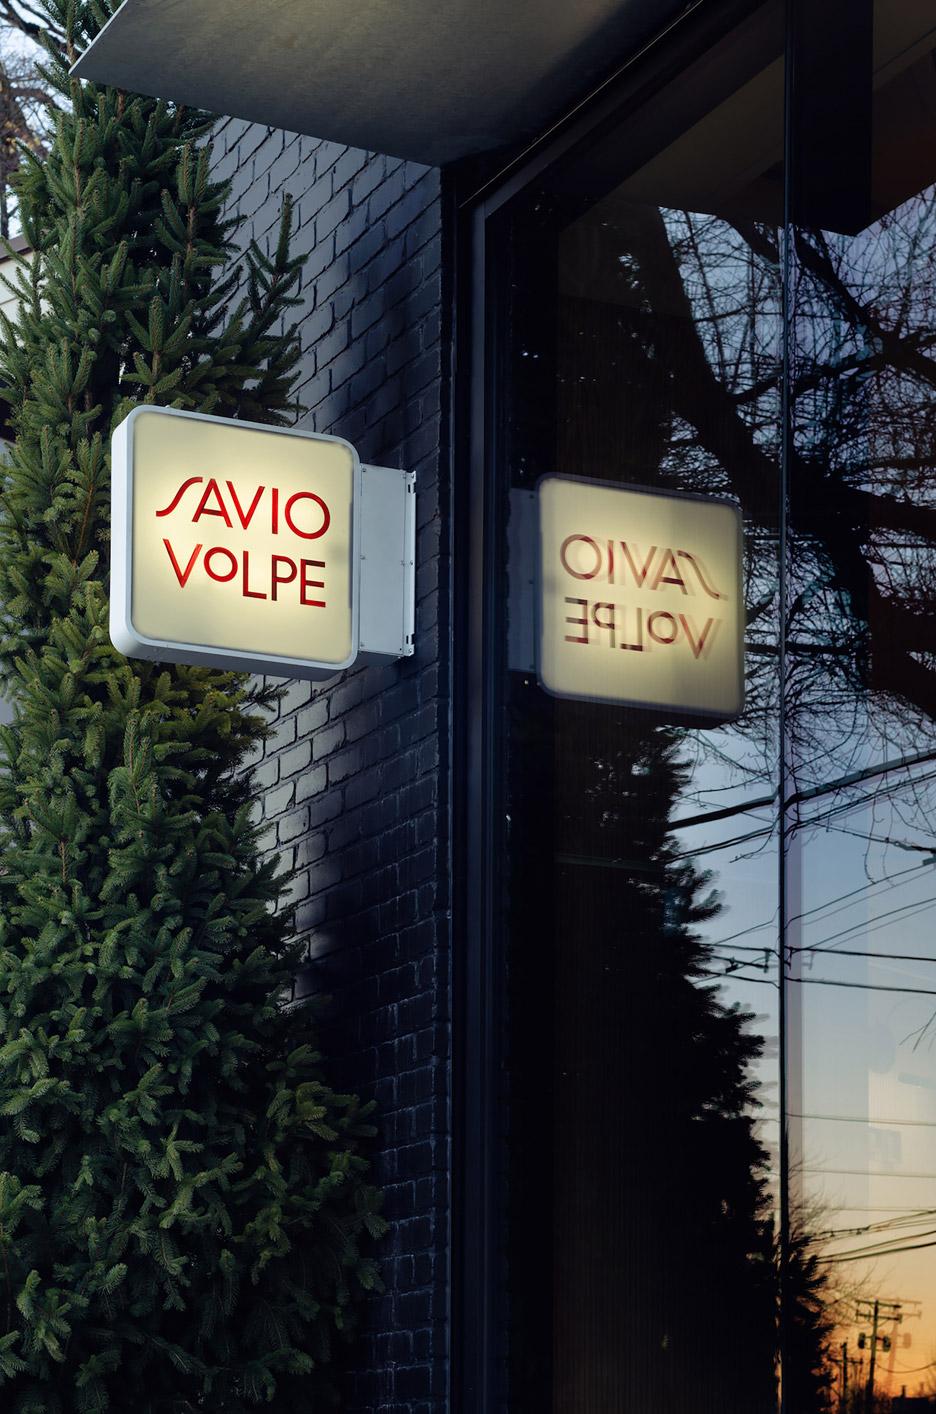 Osteria-Savio-Volpe-by-Ste-Marie_dezeen_936_8